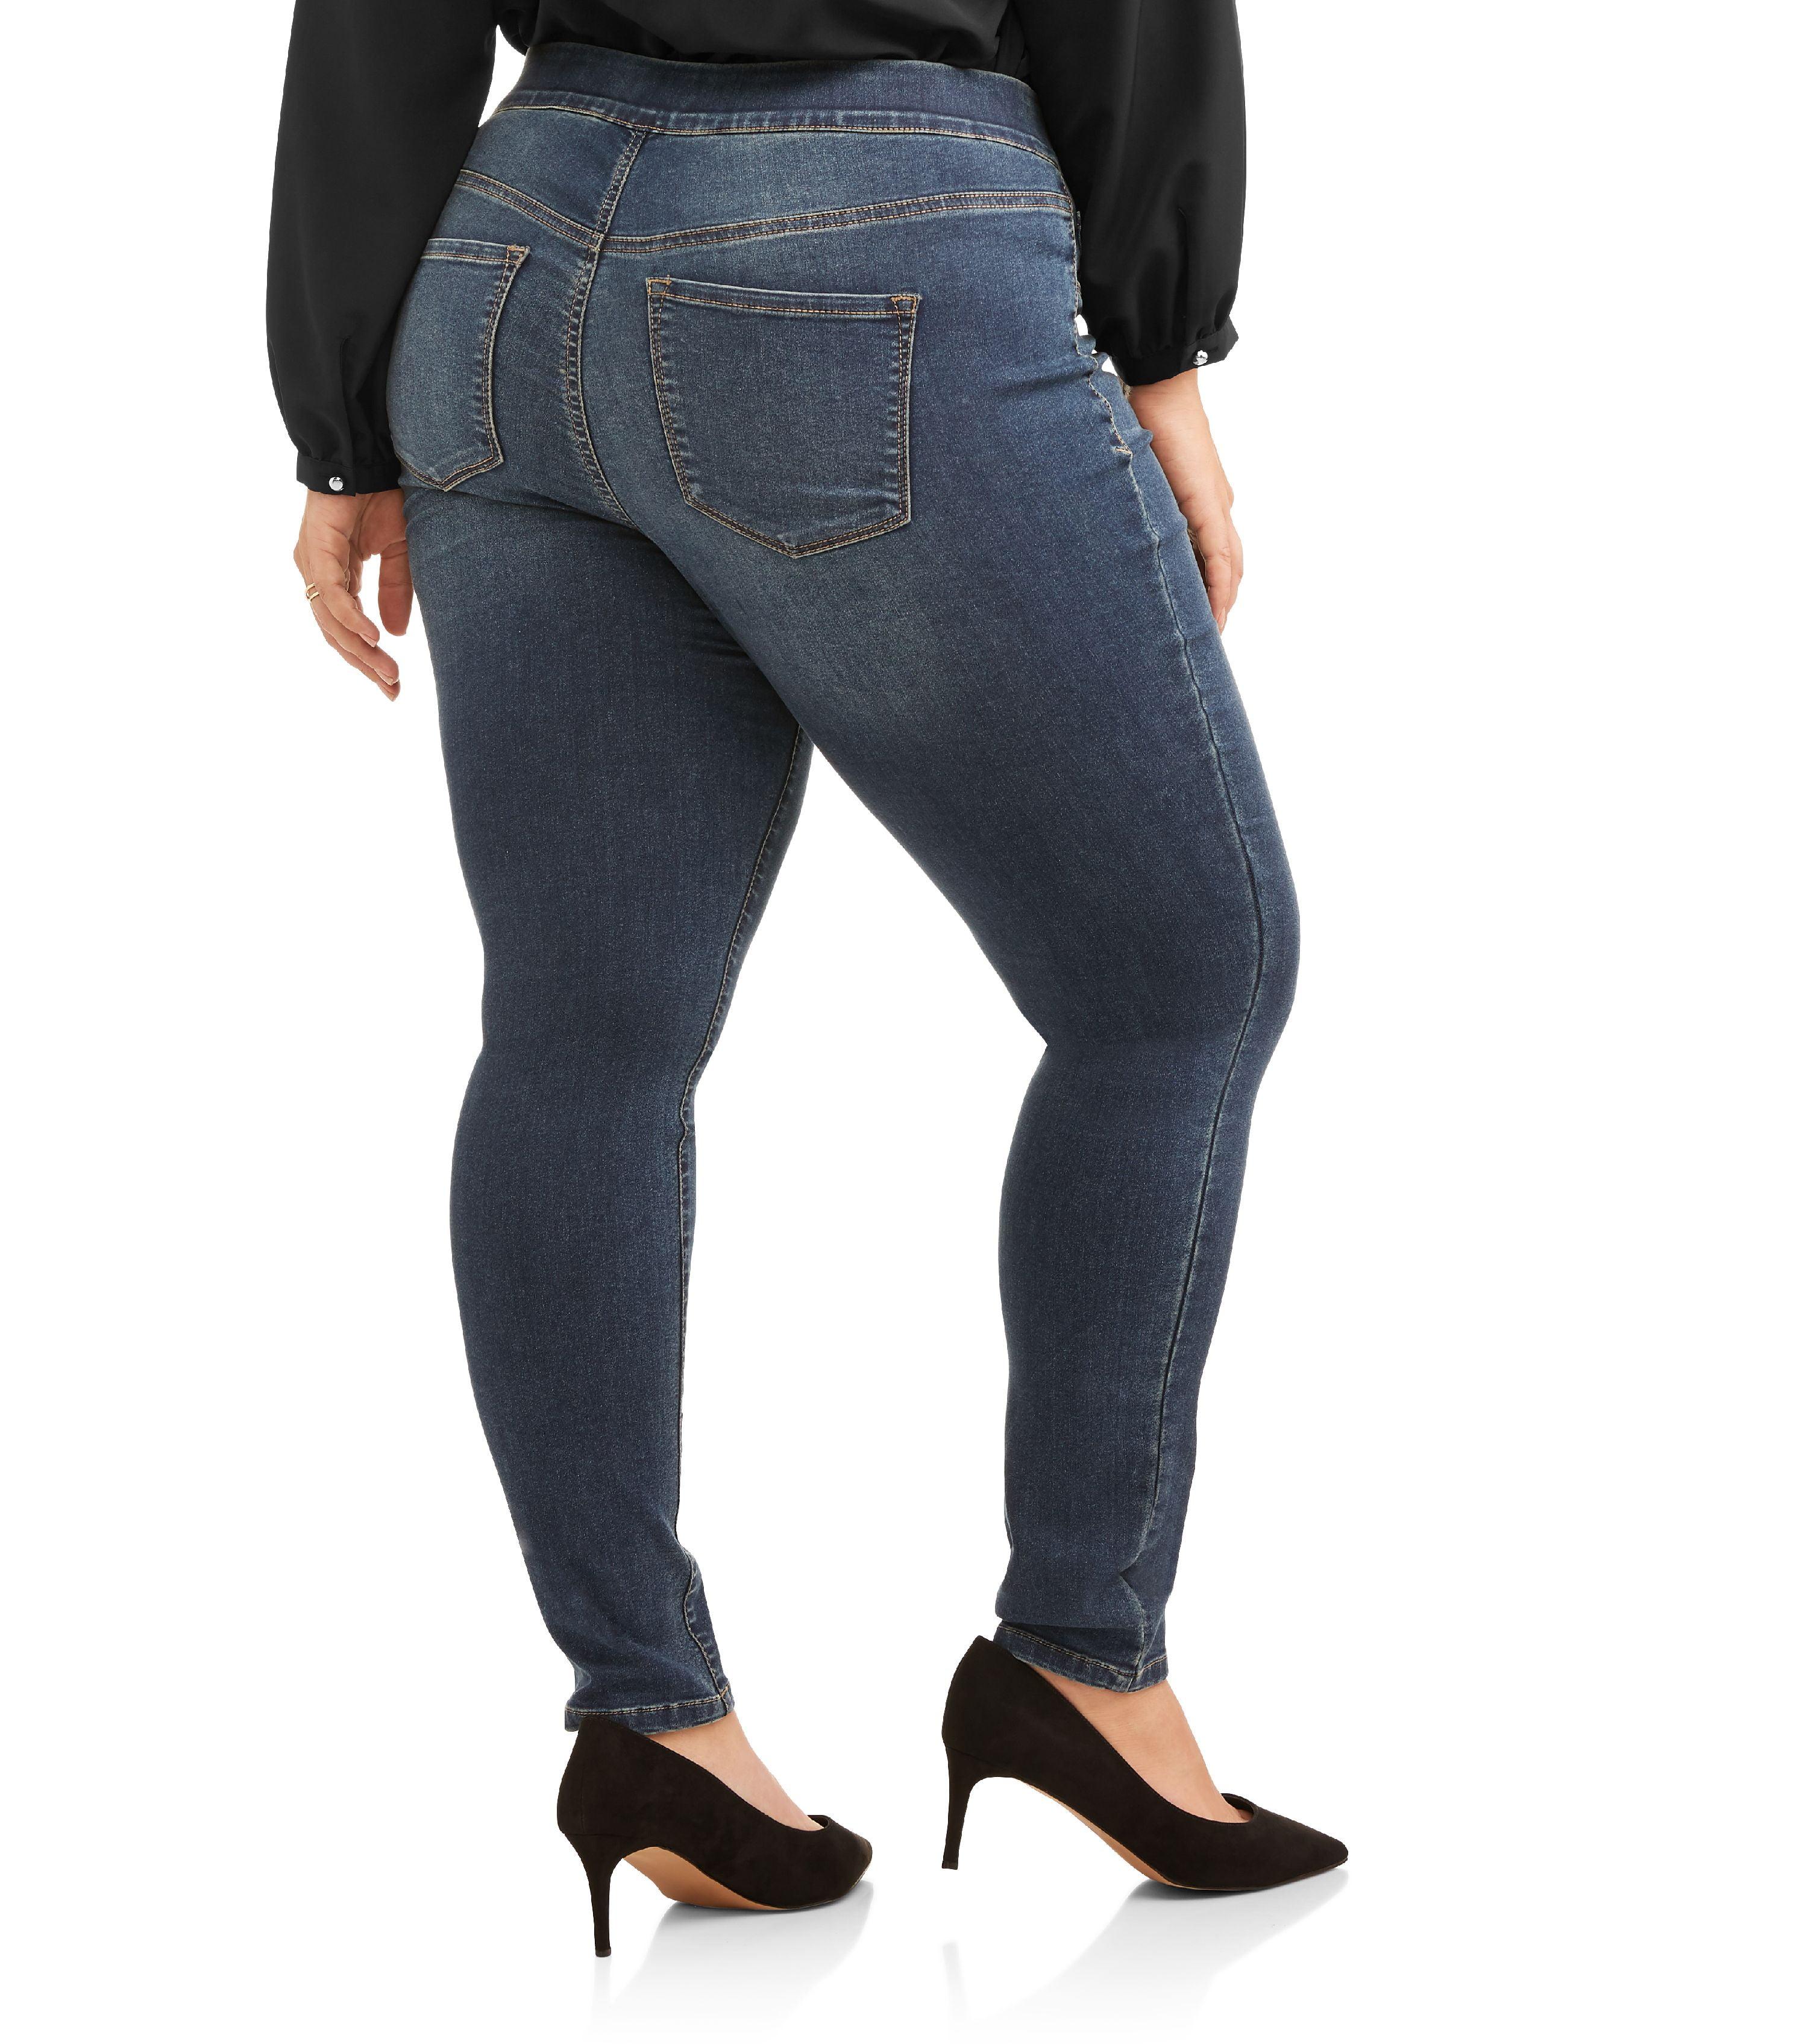 d23f0da44a3 Bandolino - Women s Plus Thea Pull On Jeggings - Walmart.com